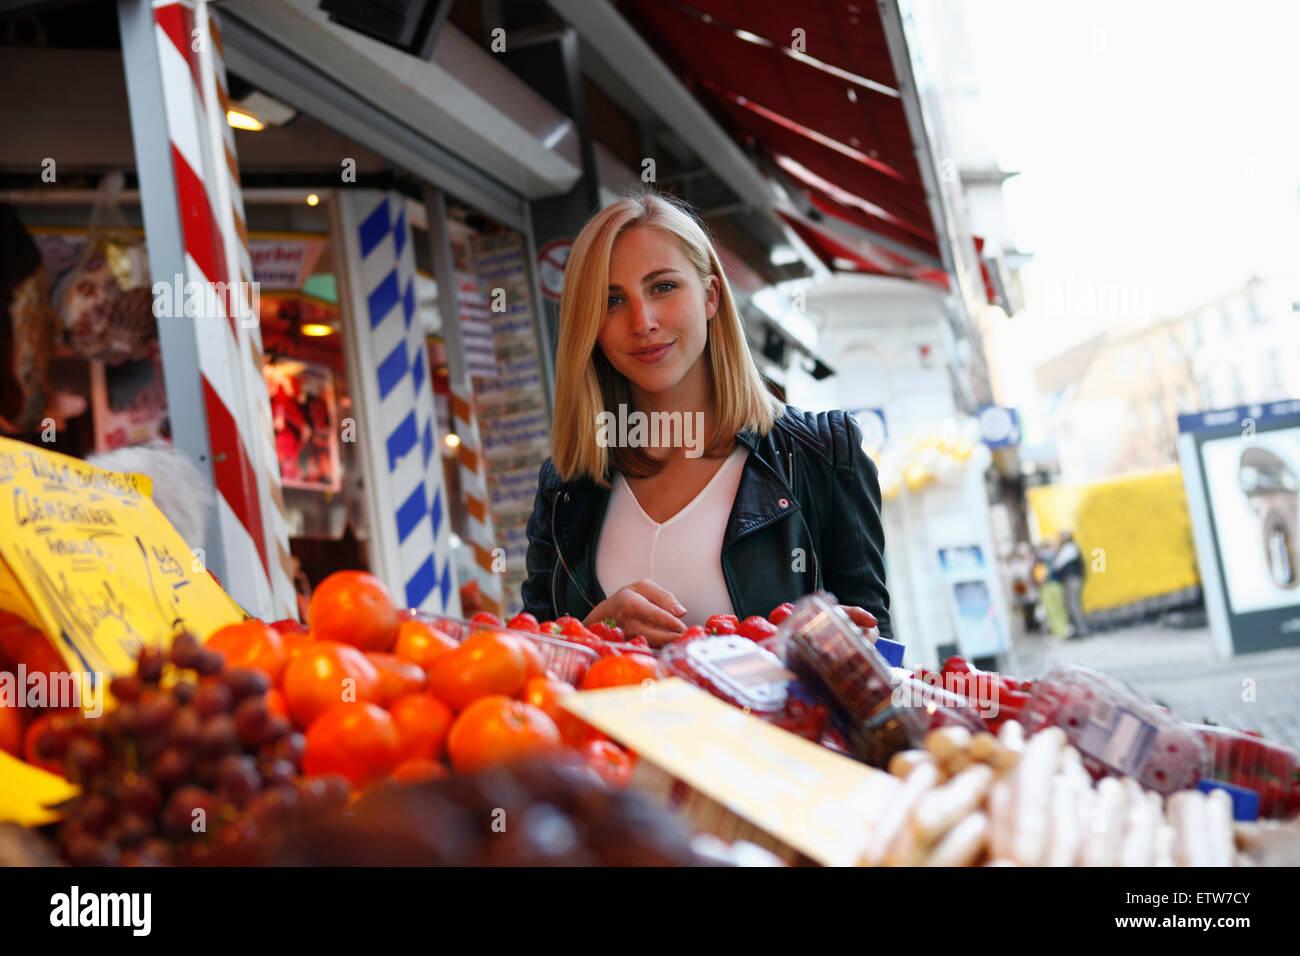 Porträt von lächelnden blonden Frau am Wochenmarkt Stockbild